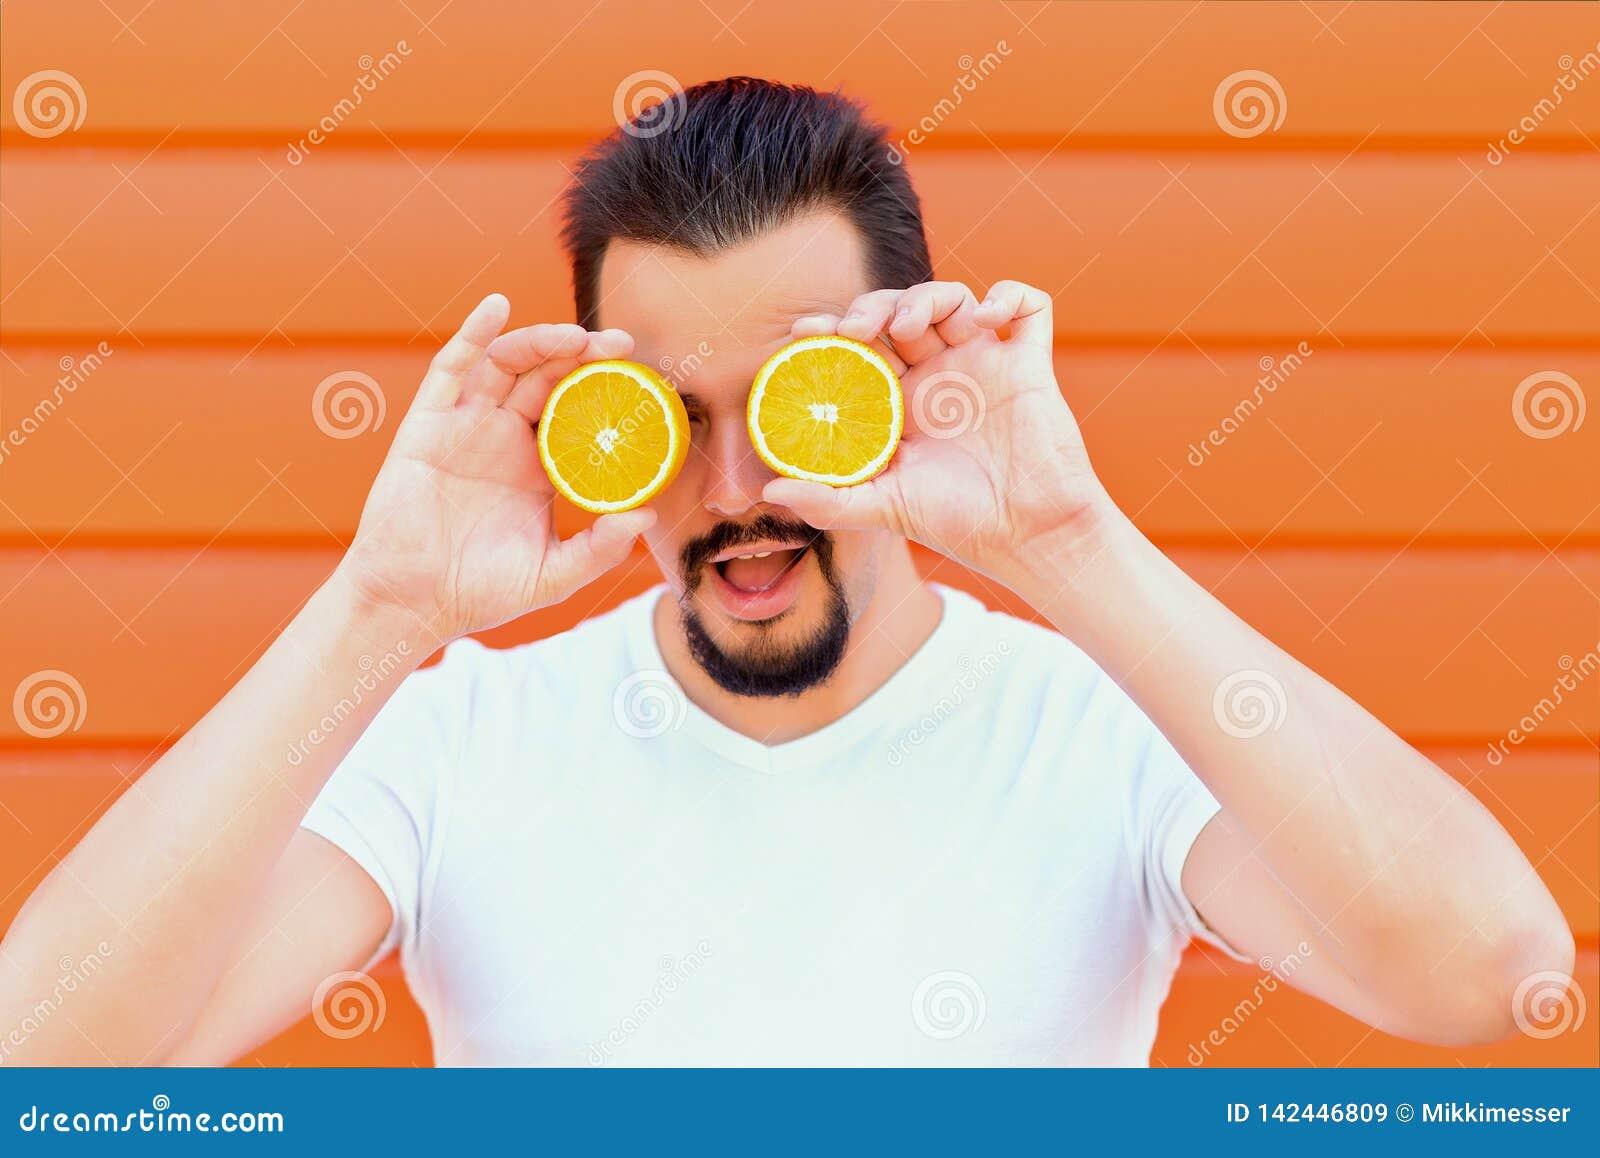 Świeżość i zdrowy styl życia: portret przystojny seksowny mężczyzna z brodą chuje oczy za pokrojonymi pomarańczami lubi okulary p